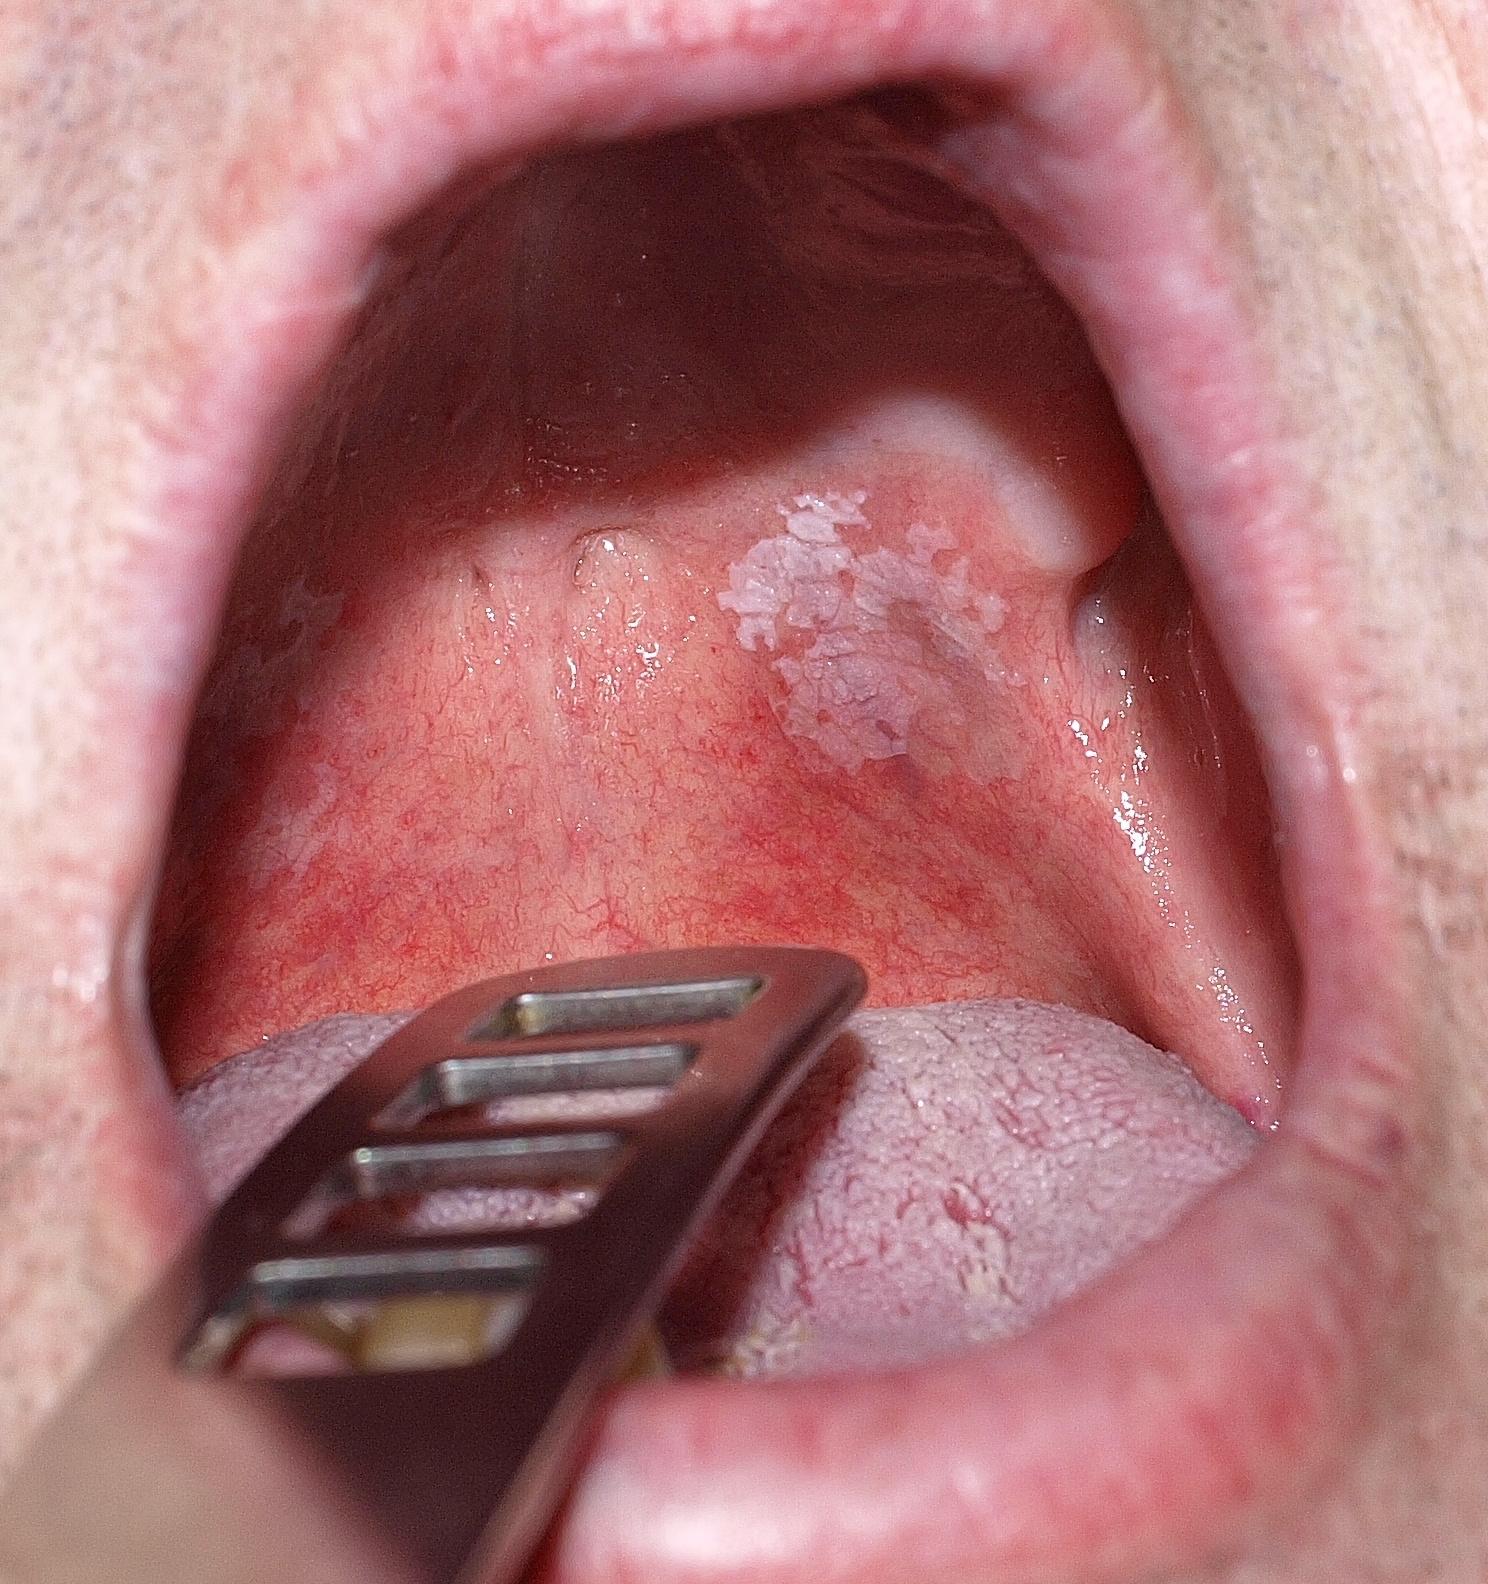 szemölcs a száj belsejében